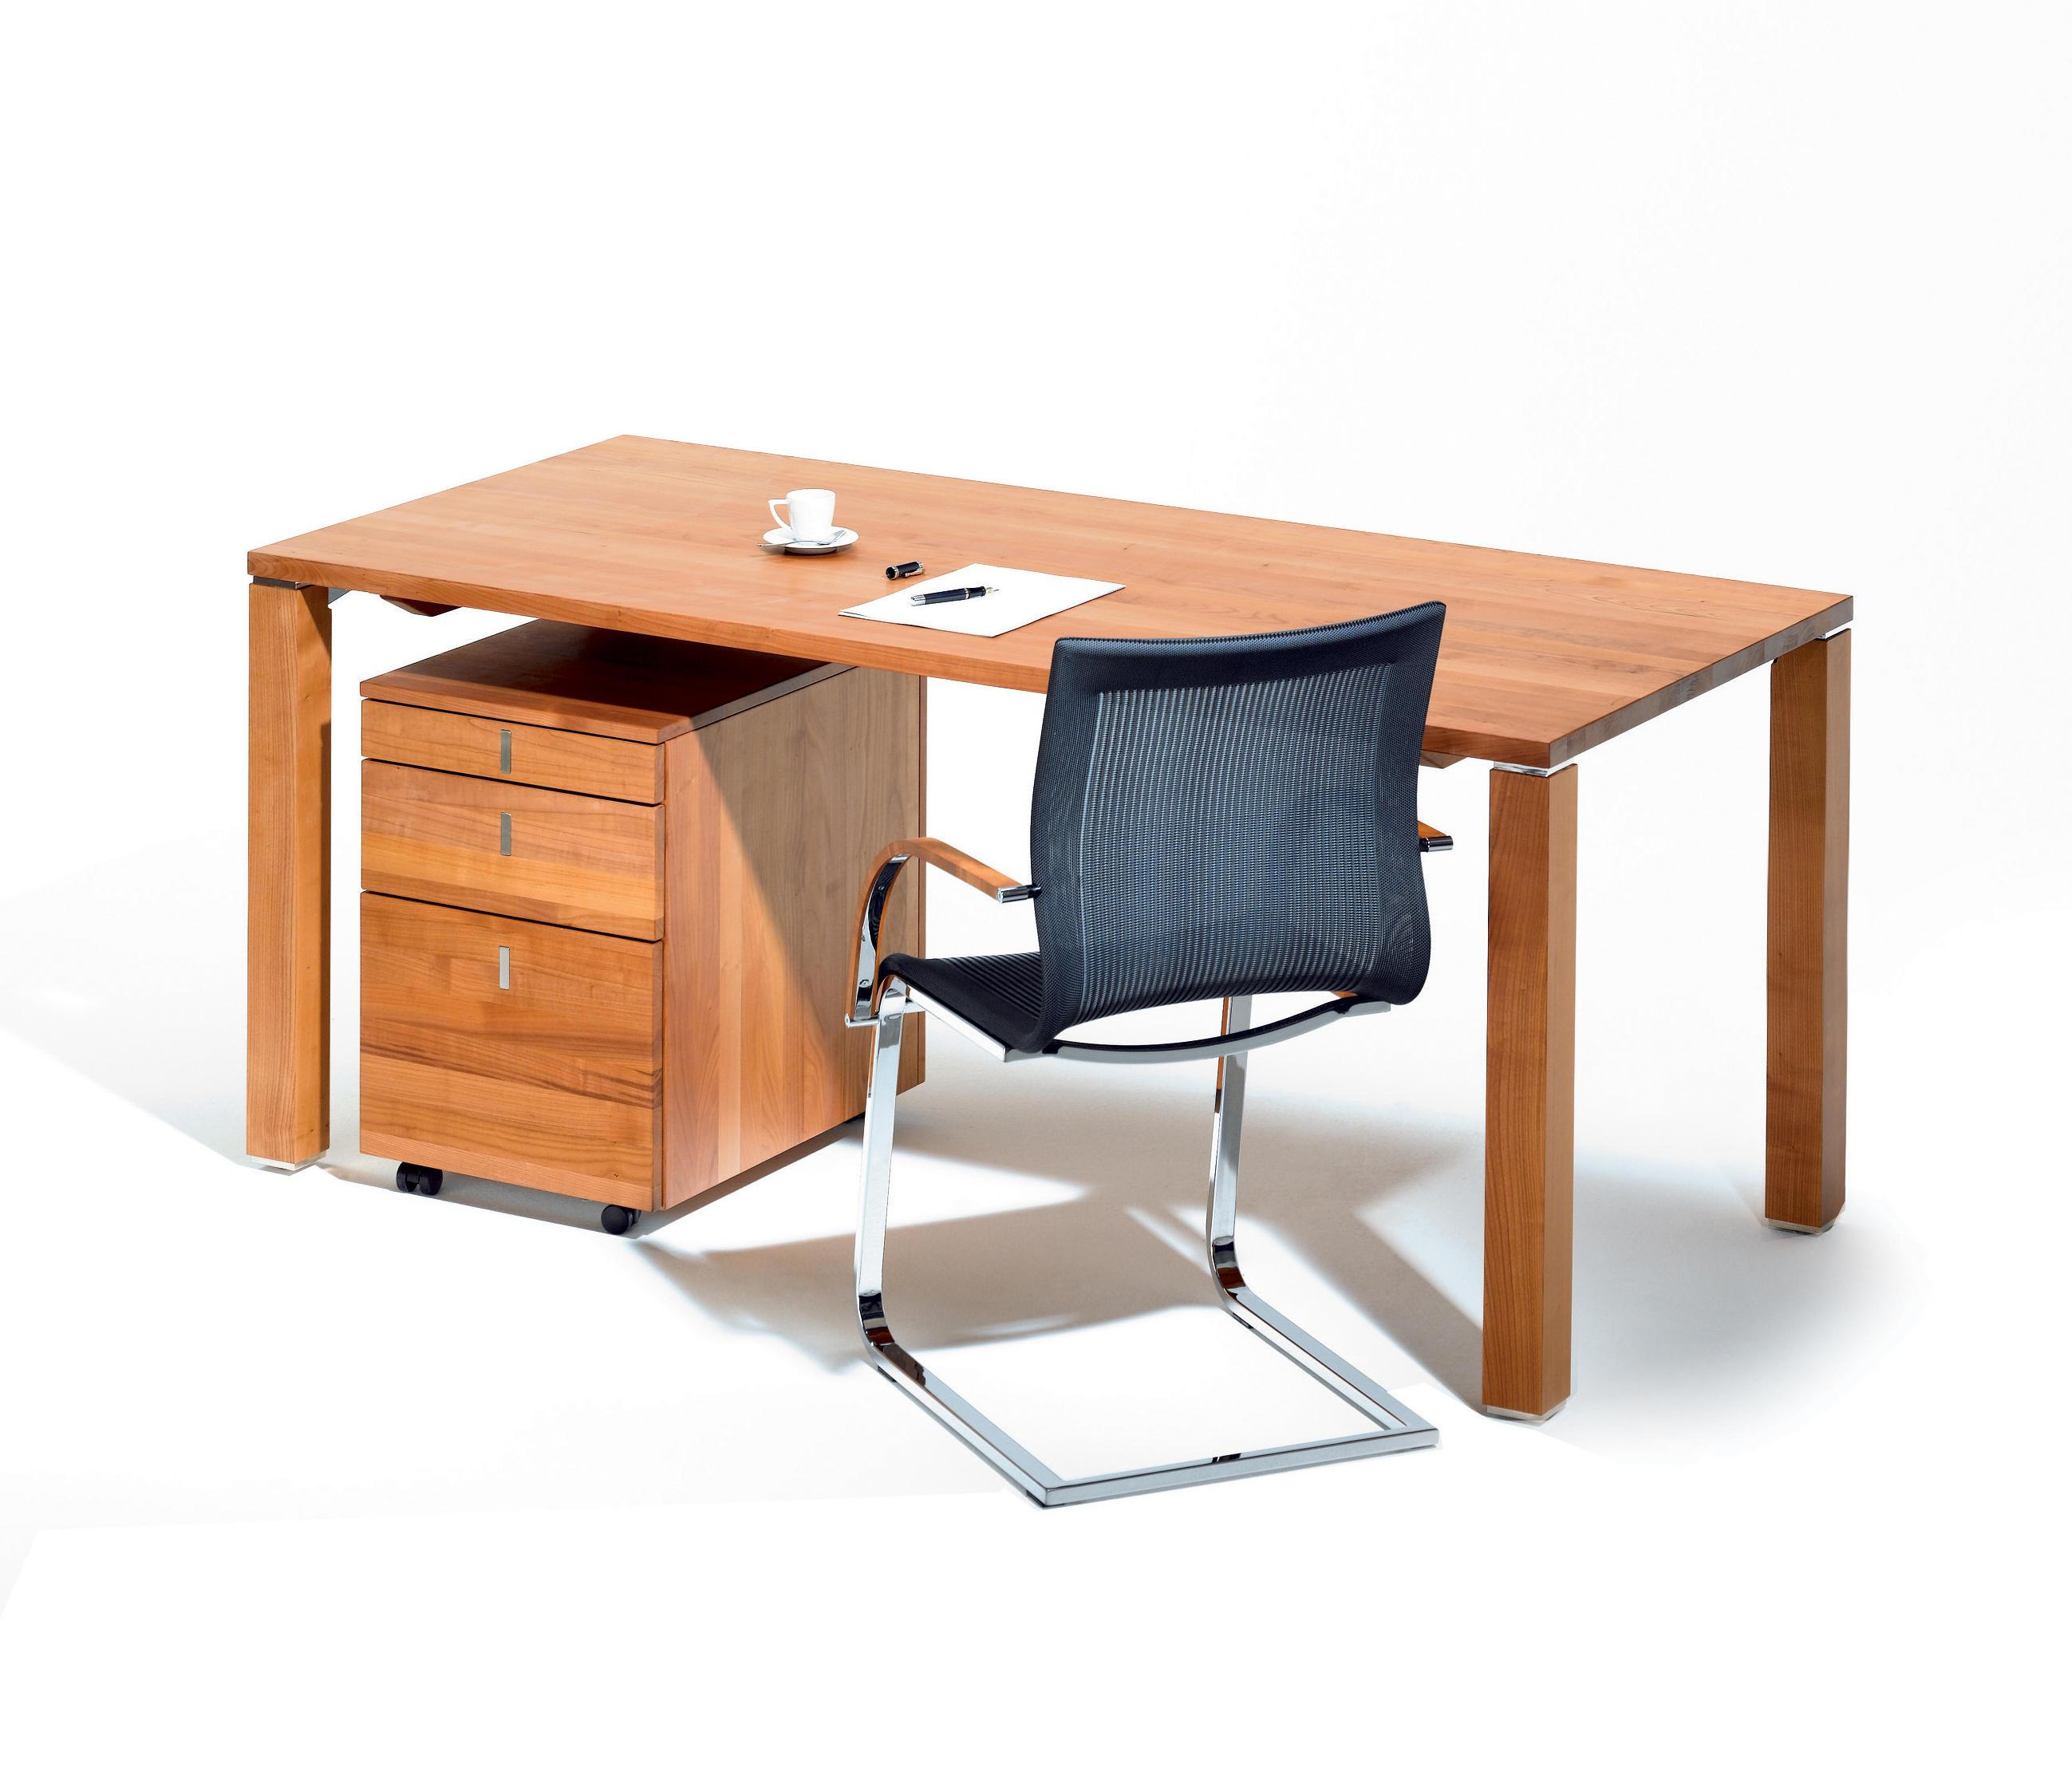 cubus schreibtisch schreibtische von team 7 architonic. Black Bedroom Furniture Sets. Home Design Ideas